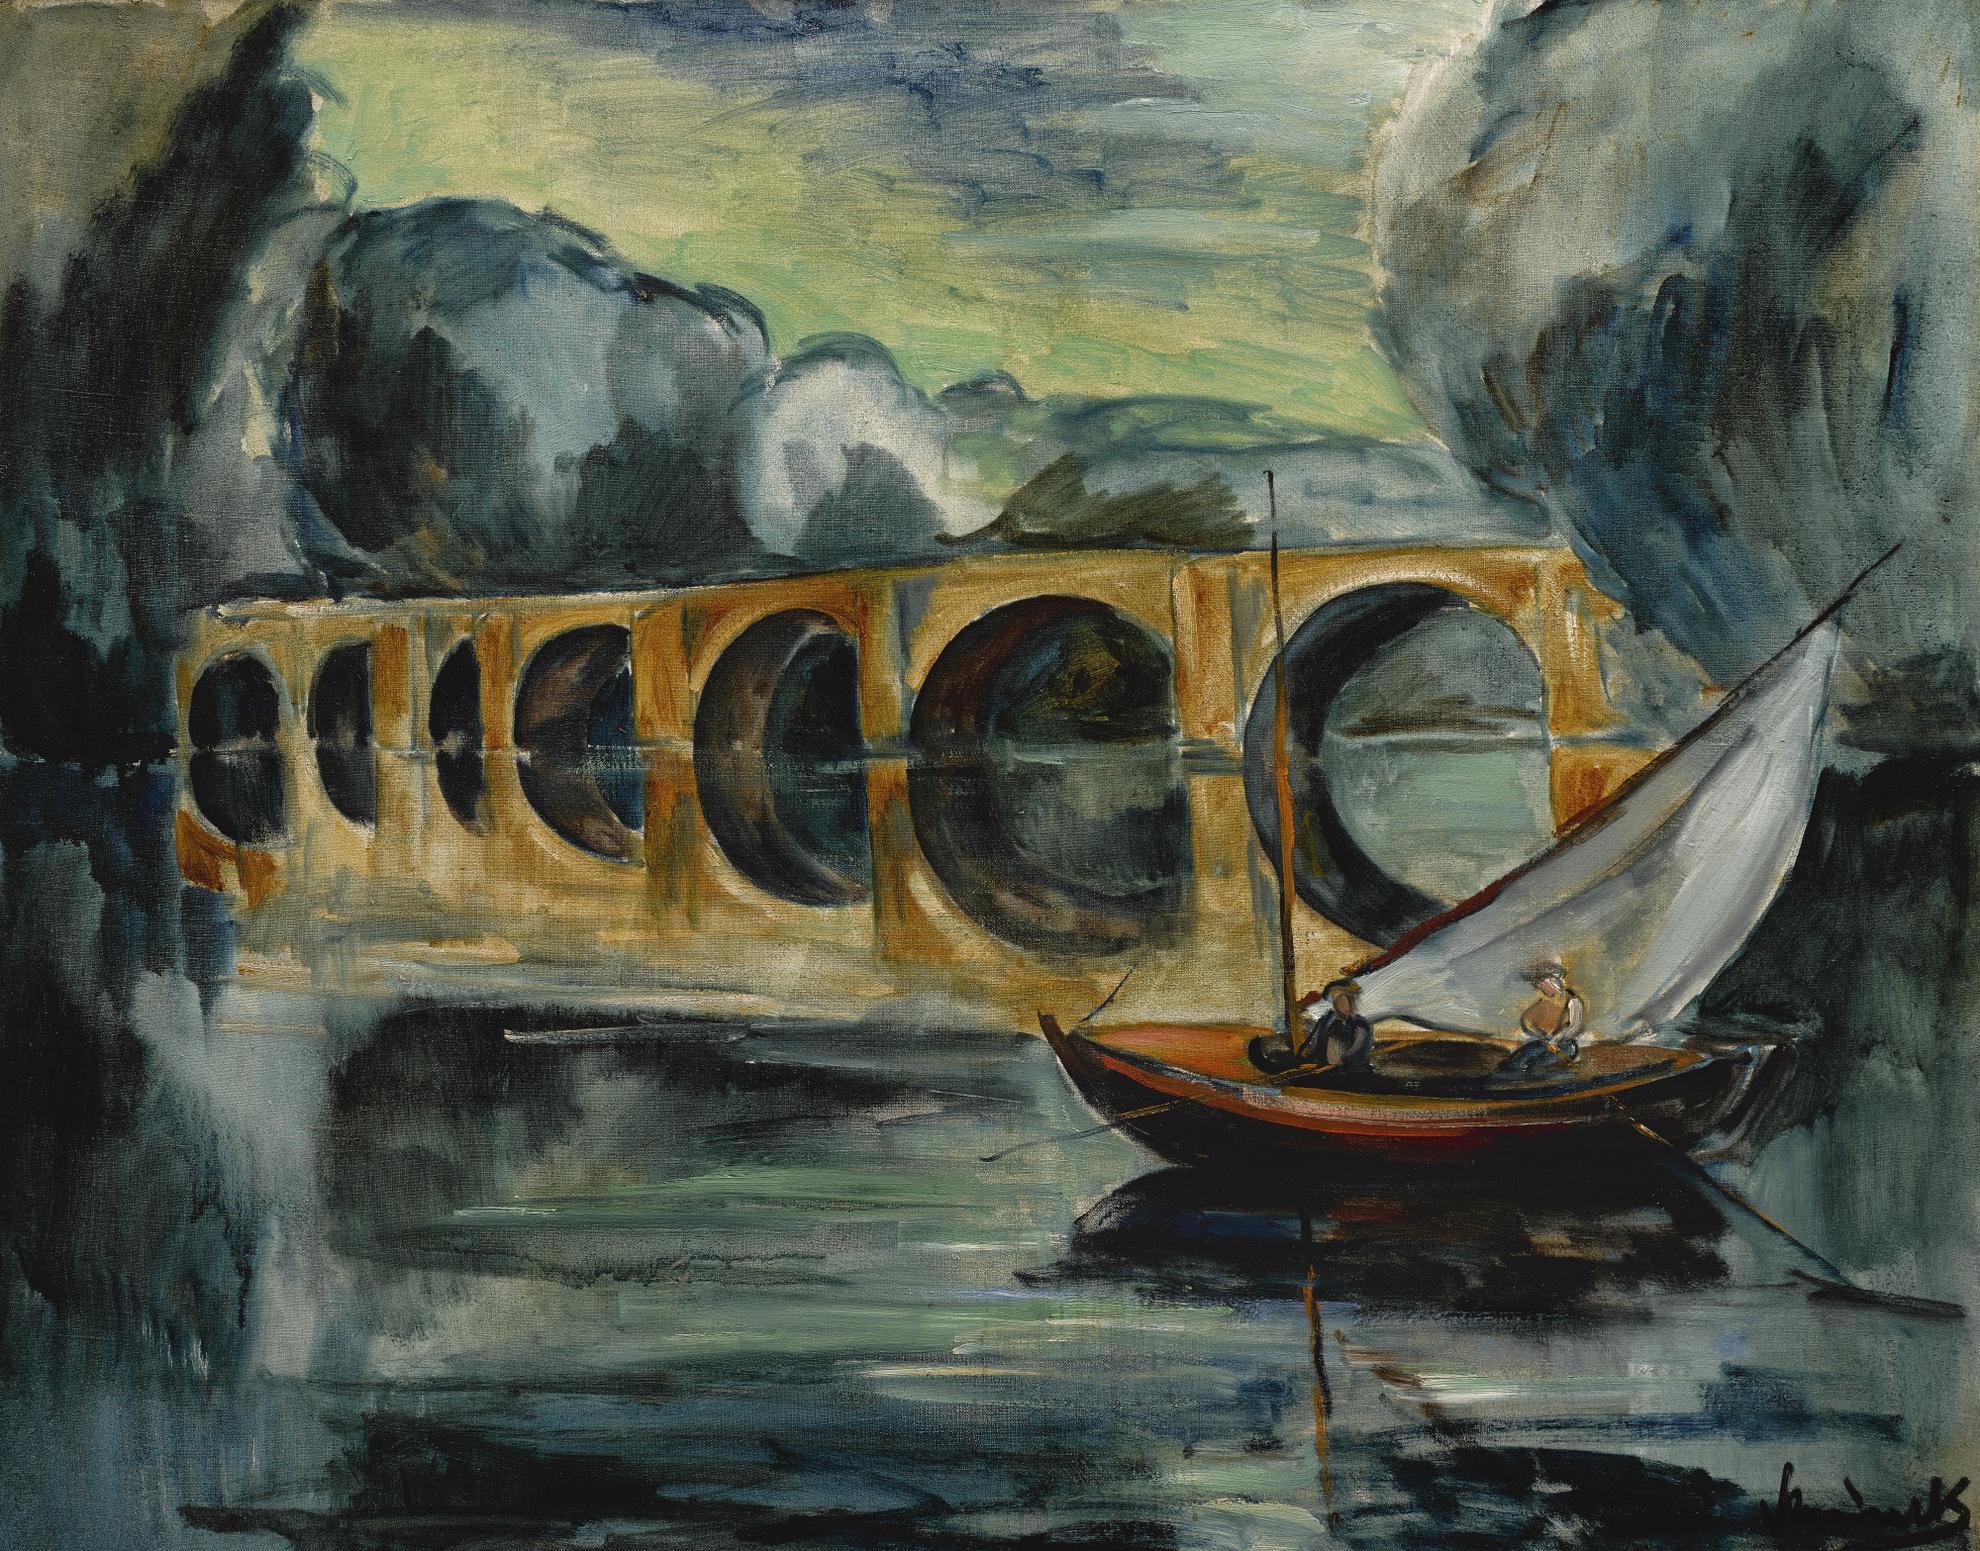 Maurice de Vlaminck-Pecheurs Pres Dun Pont-1912